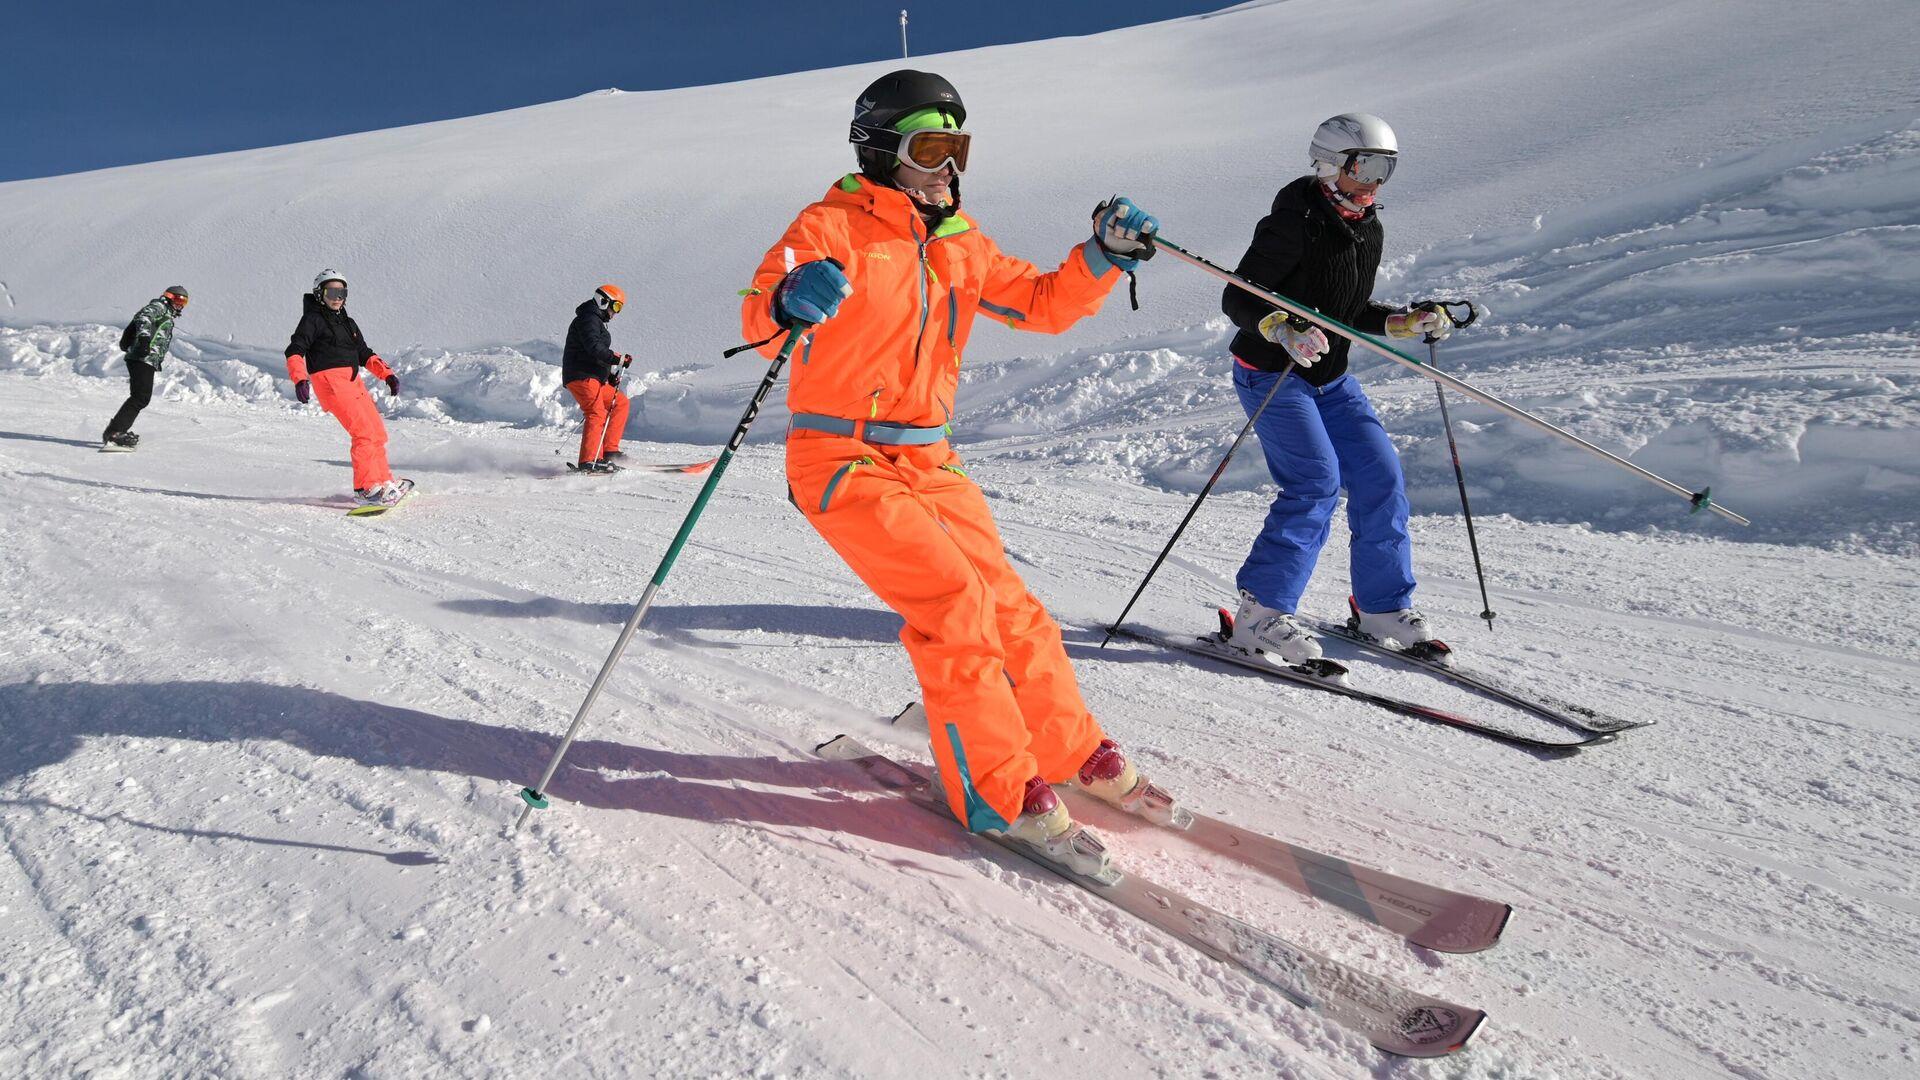 Отдыхающие на горнолыжном курорте Роза Хутор в Сочи - РИА Новости, 1920, 01.02.2021